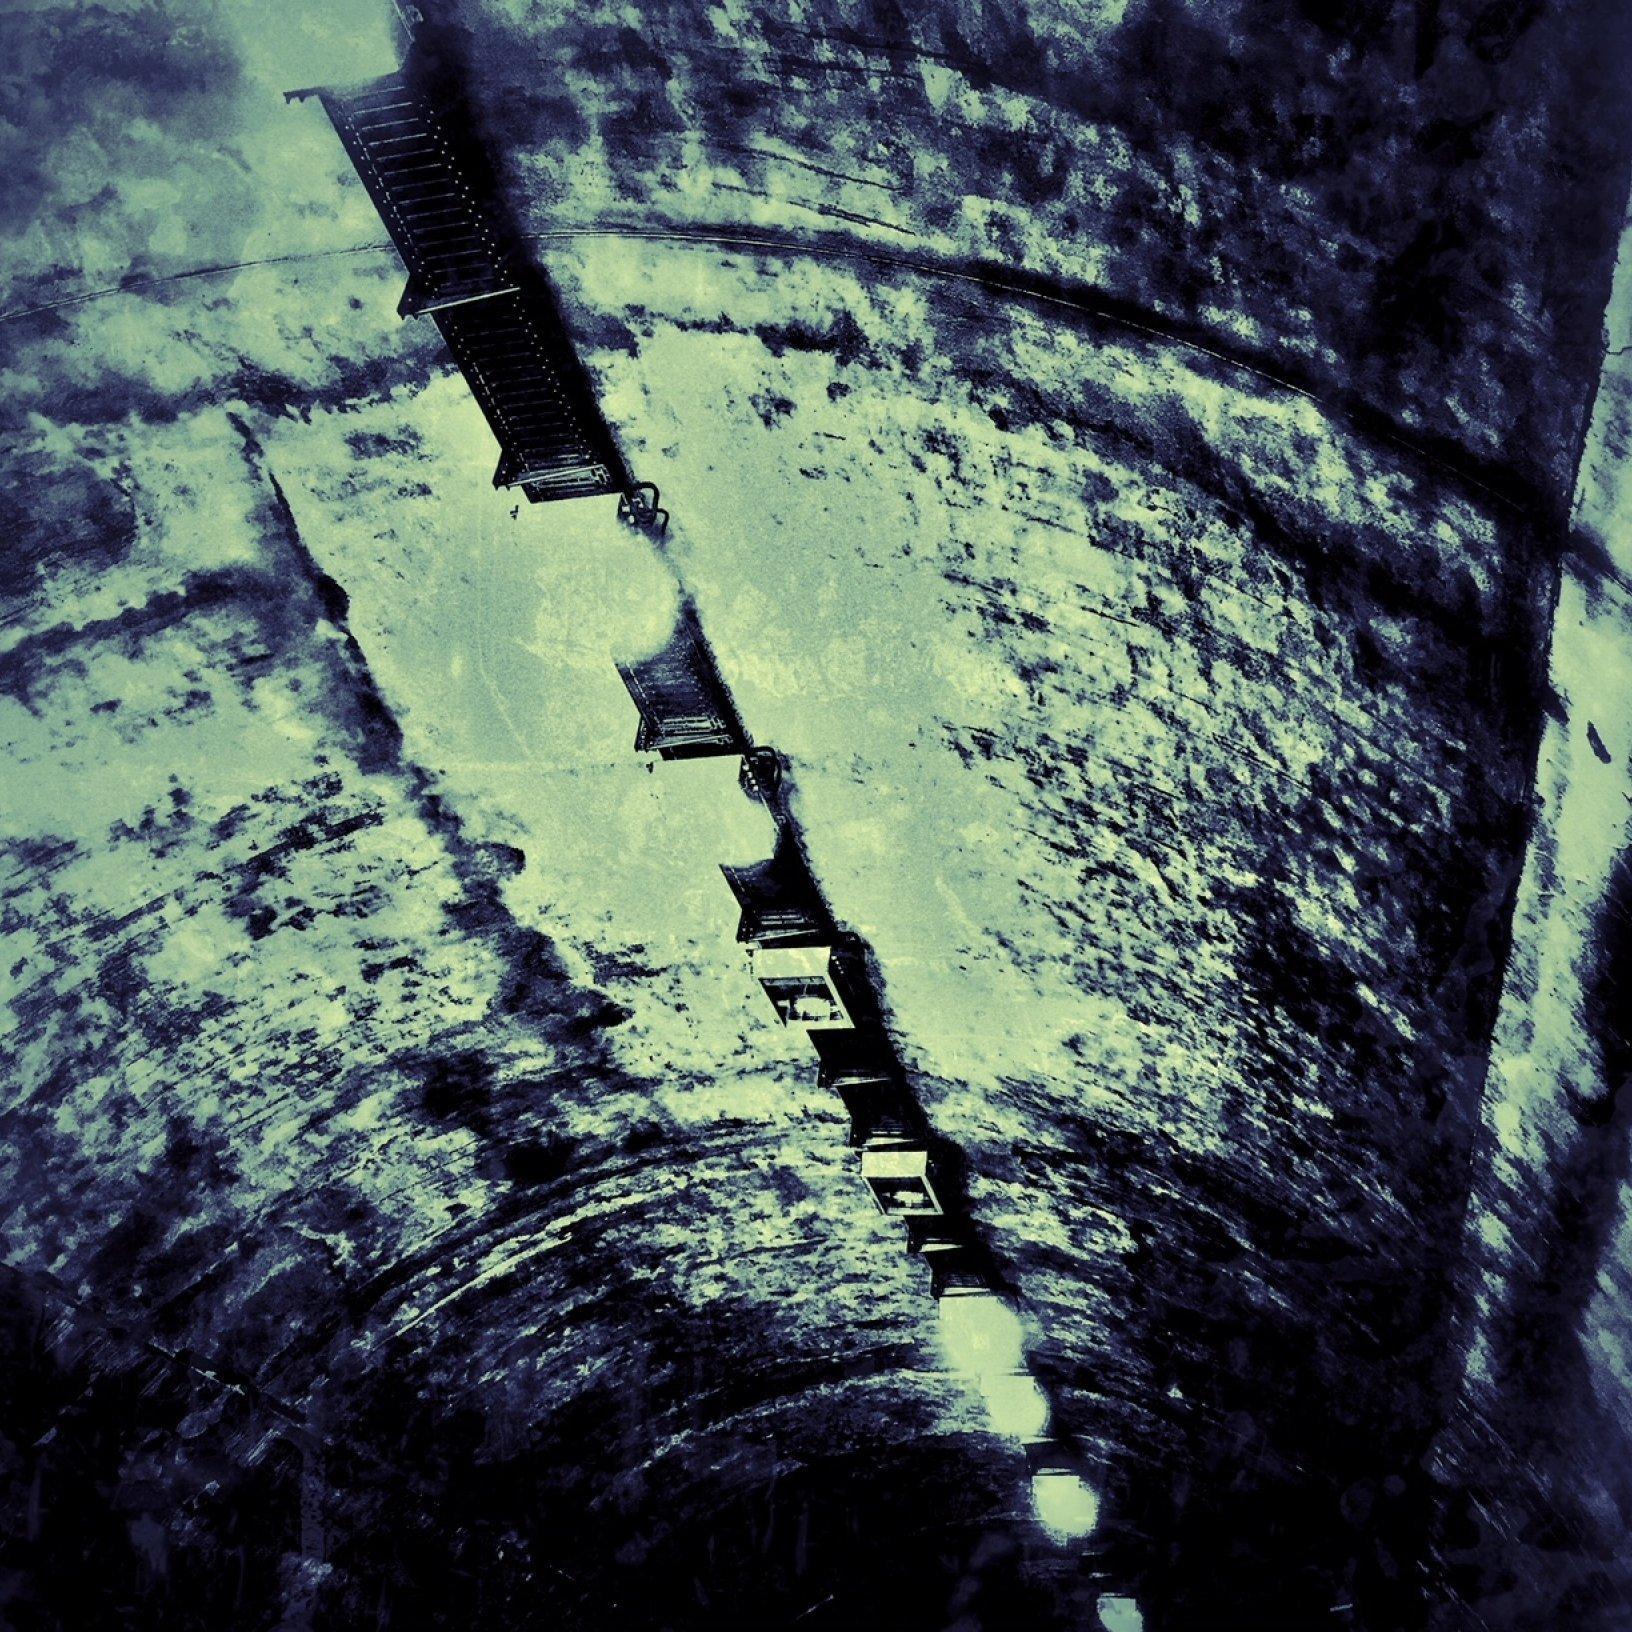 Eine Tunneldecke mit Lampen